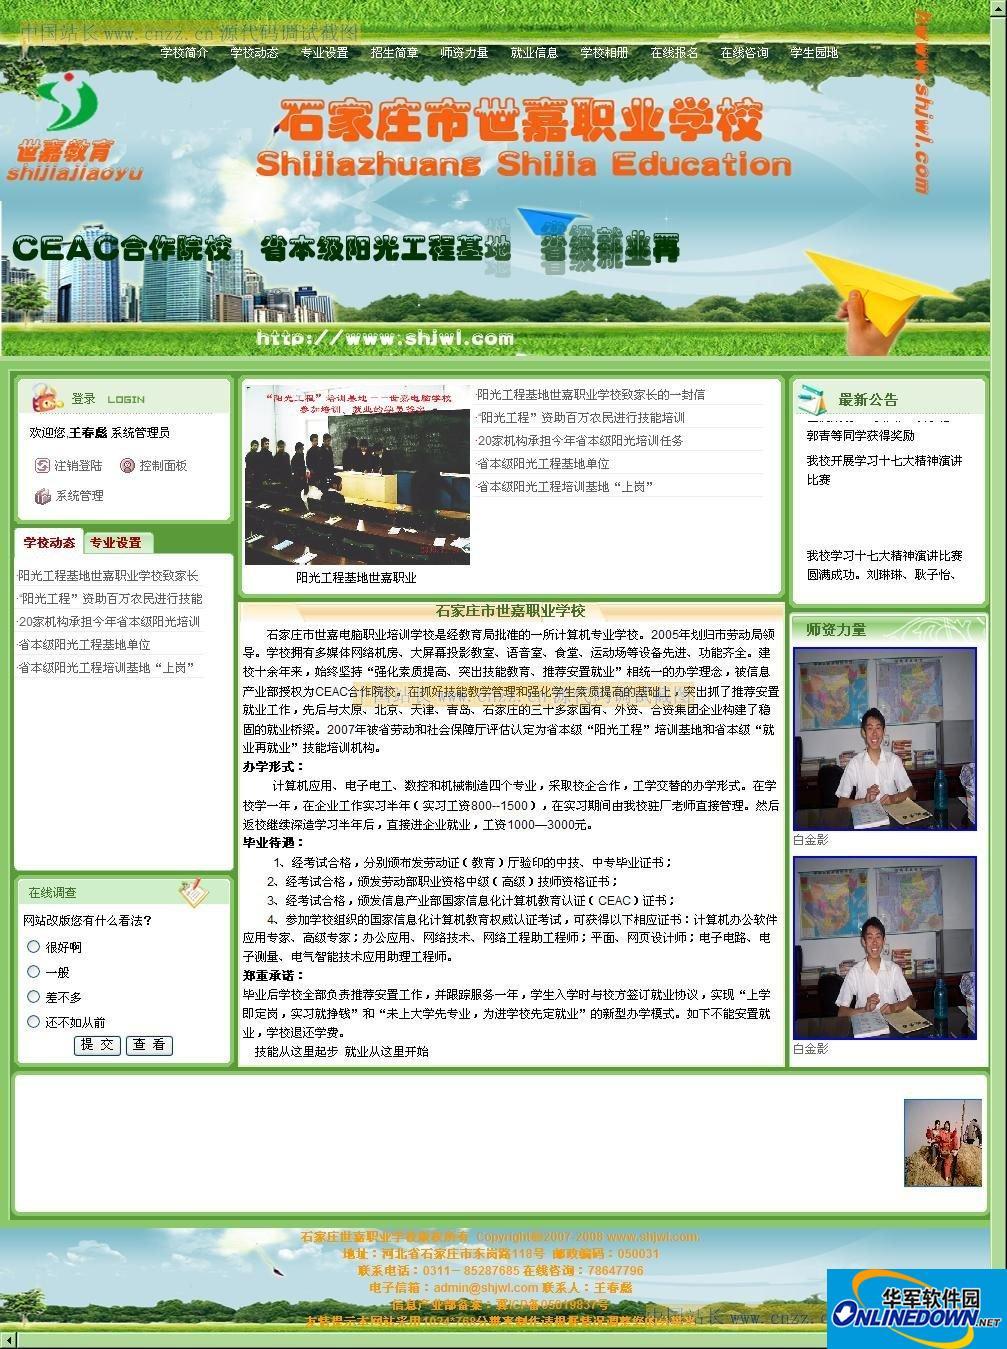 世嘉学校网站管理系统 绿色版